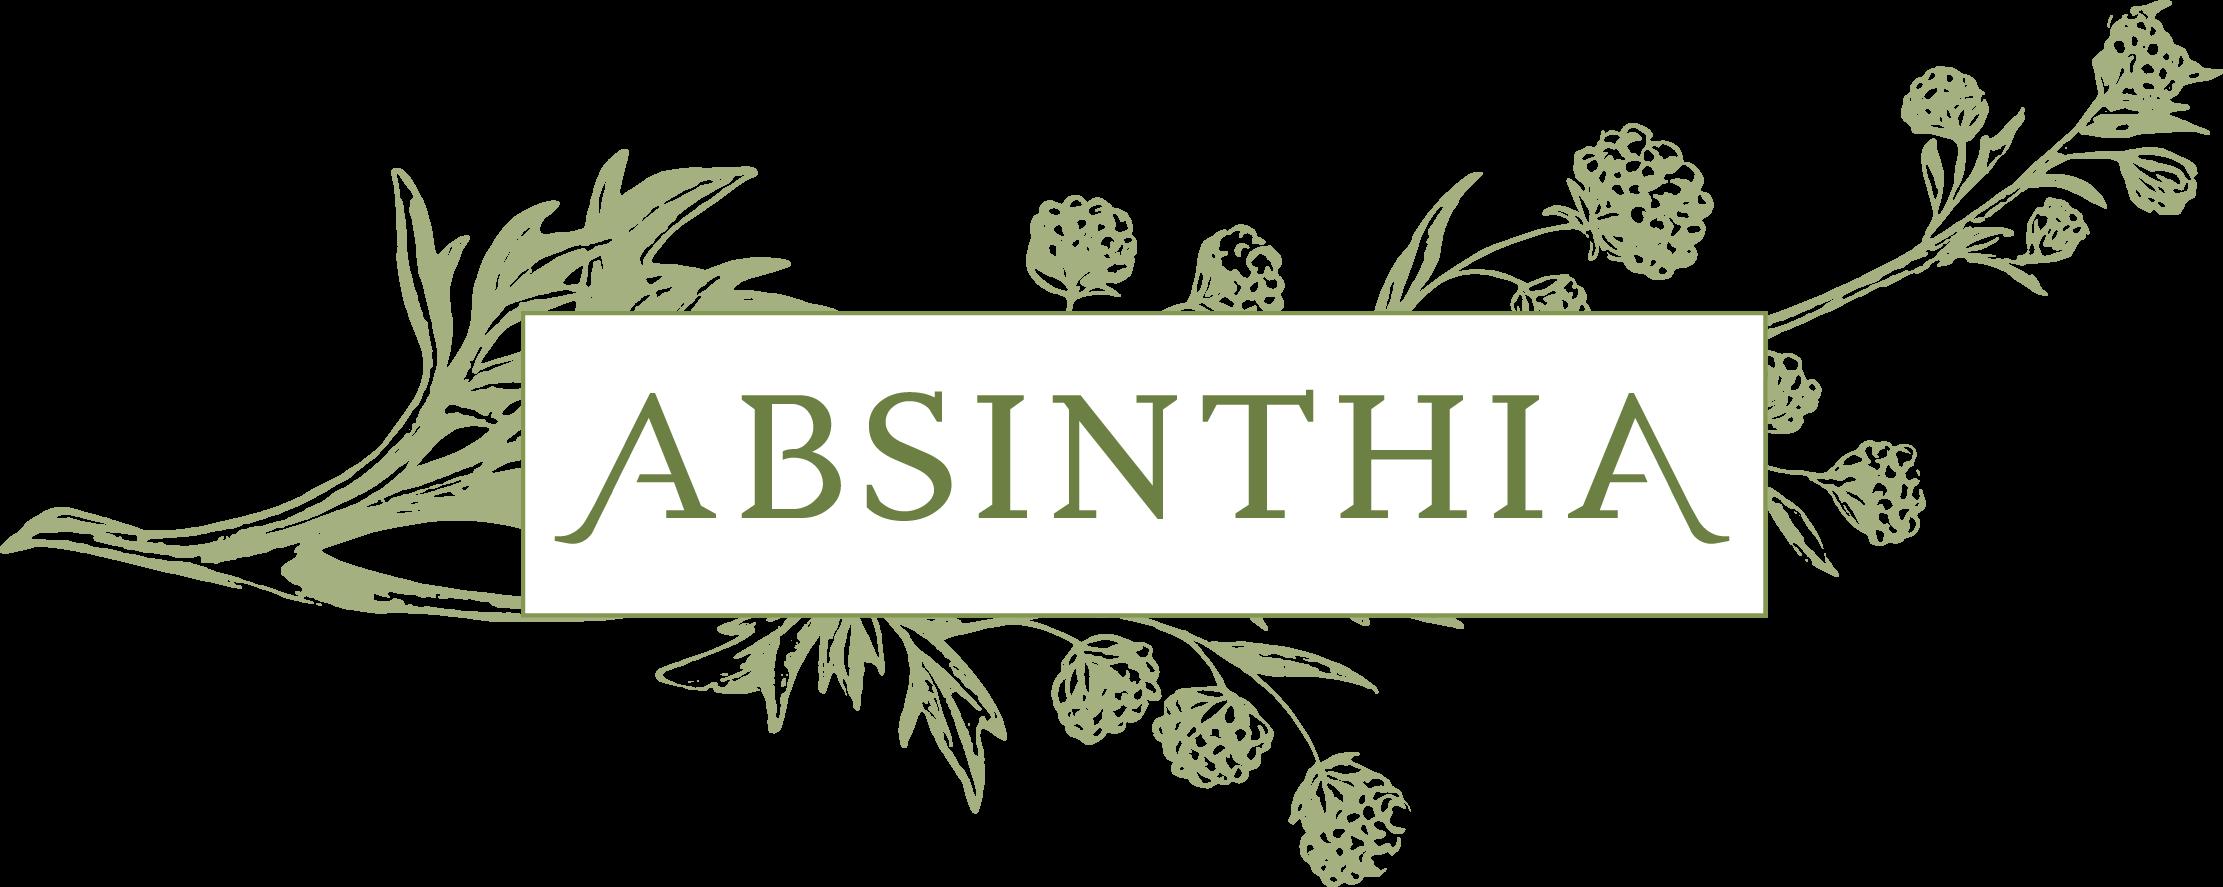 Absinthia's Bottled Spirits